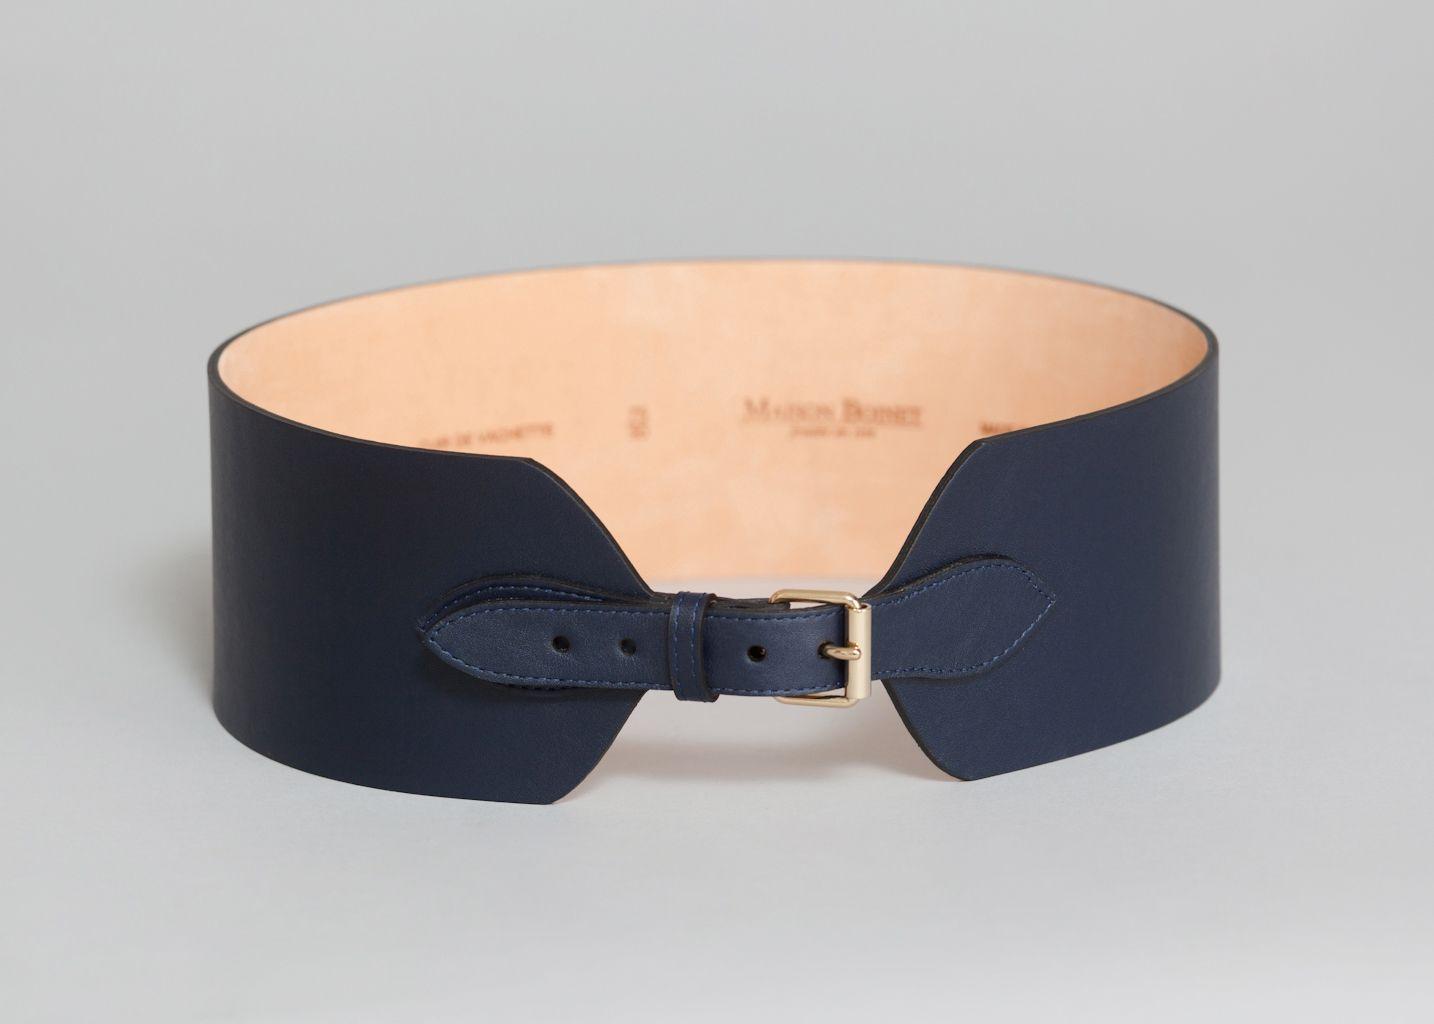 Ceinture Corset Bleu Marine Maison Boinet   L Exception fd0e17c6acd